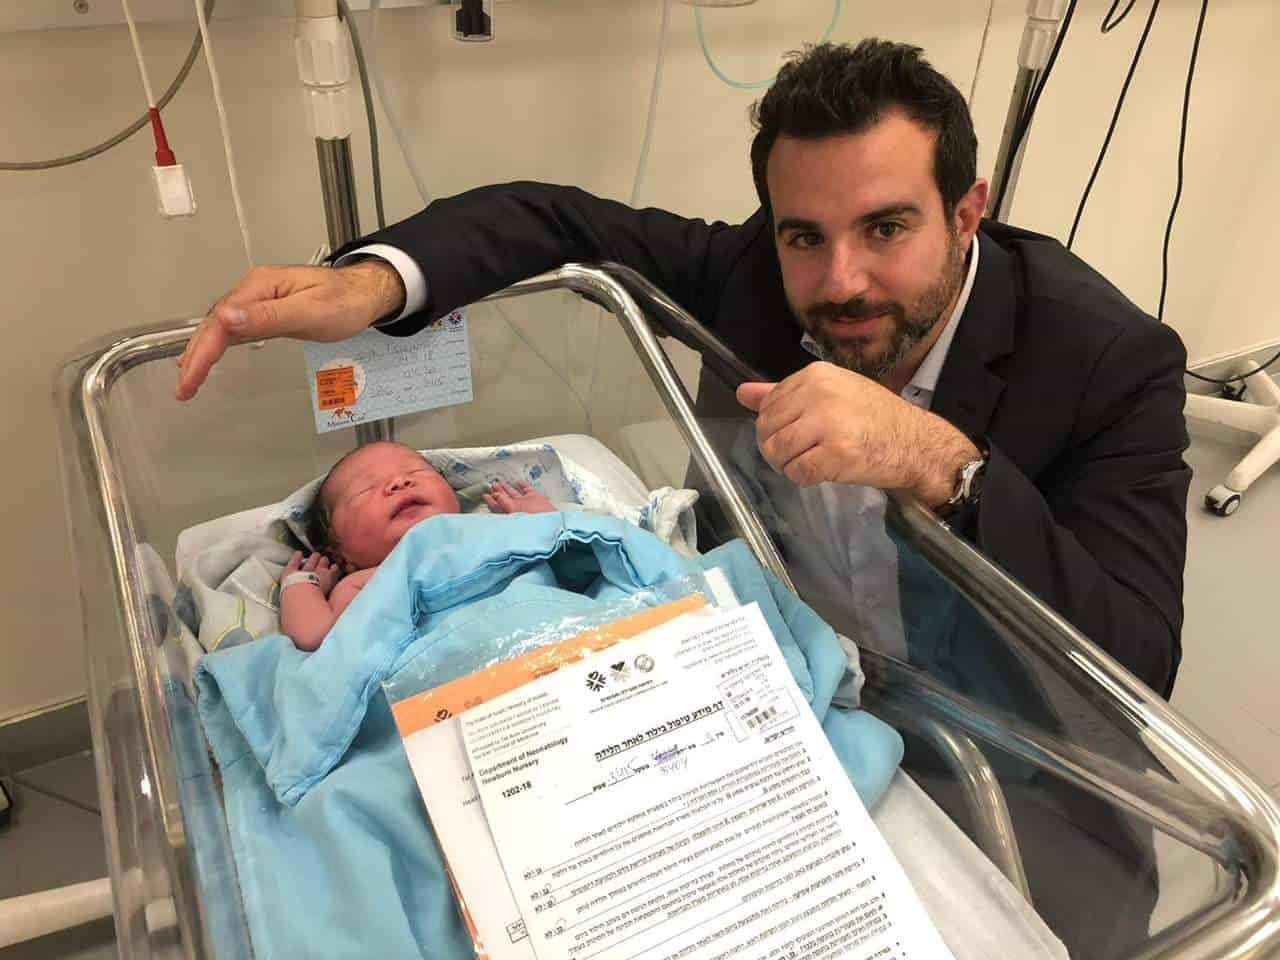 בן נולד לחבר המועצה רועי ברזילי